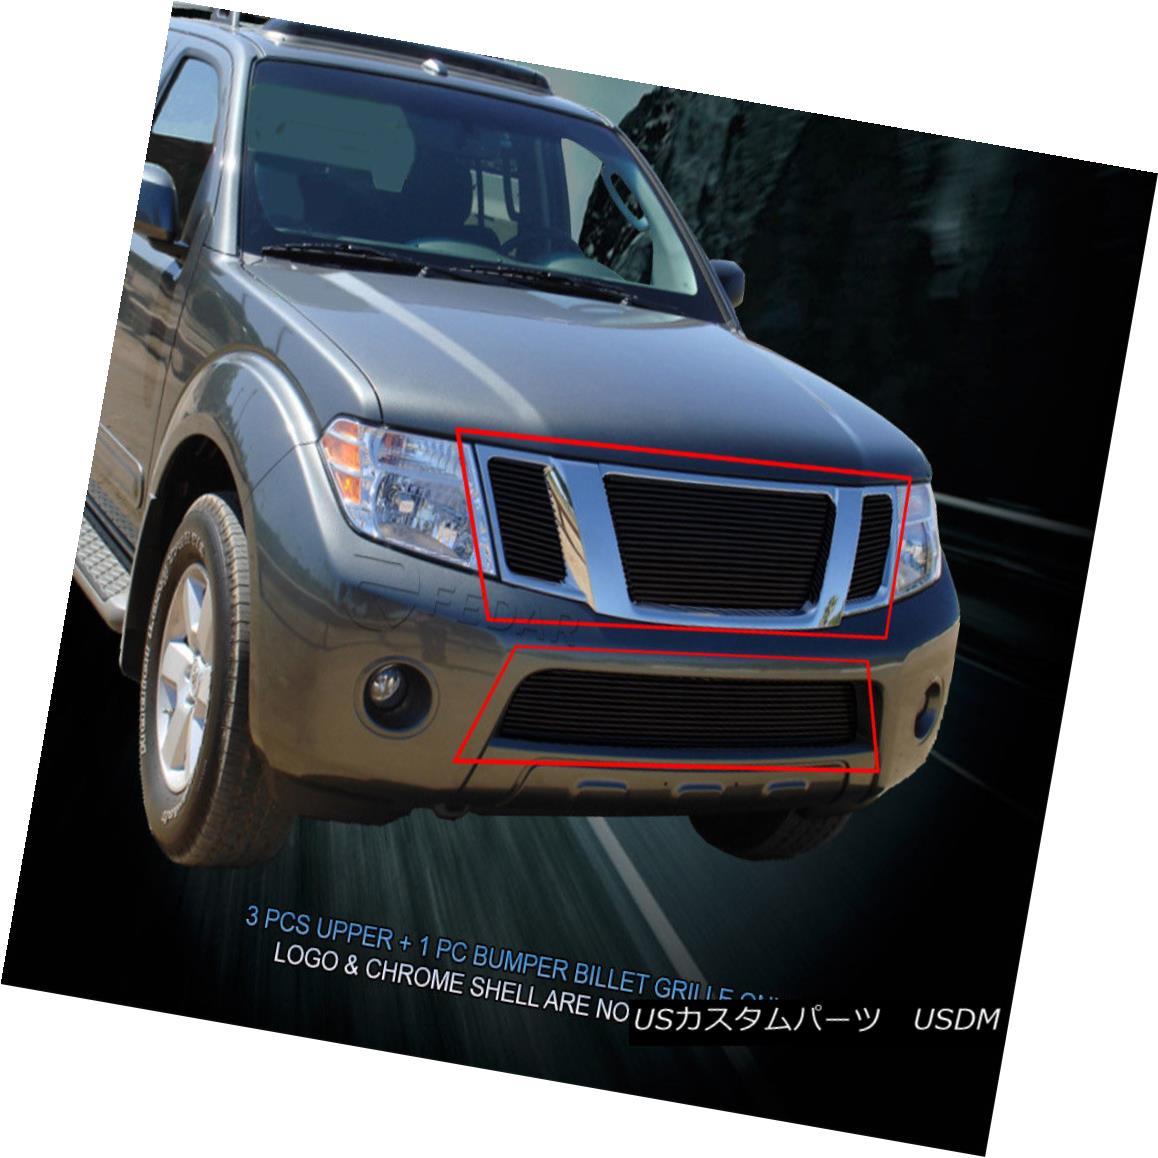 グリル Fedar Fits 2008-2012 Nissan Pathfinder Black Overlay Billet Grille Combo Fedar Fits 2008-2012 Nissan Pathfinder Blackオーバーレイビレットグリルコンボ